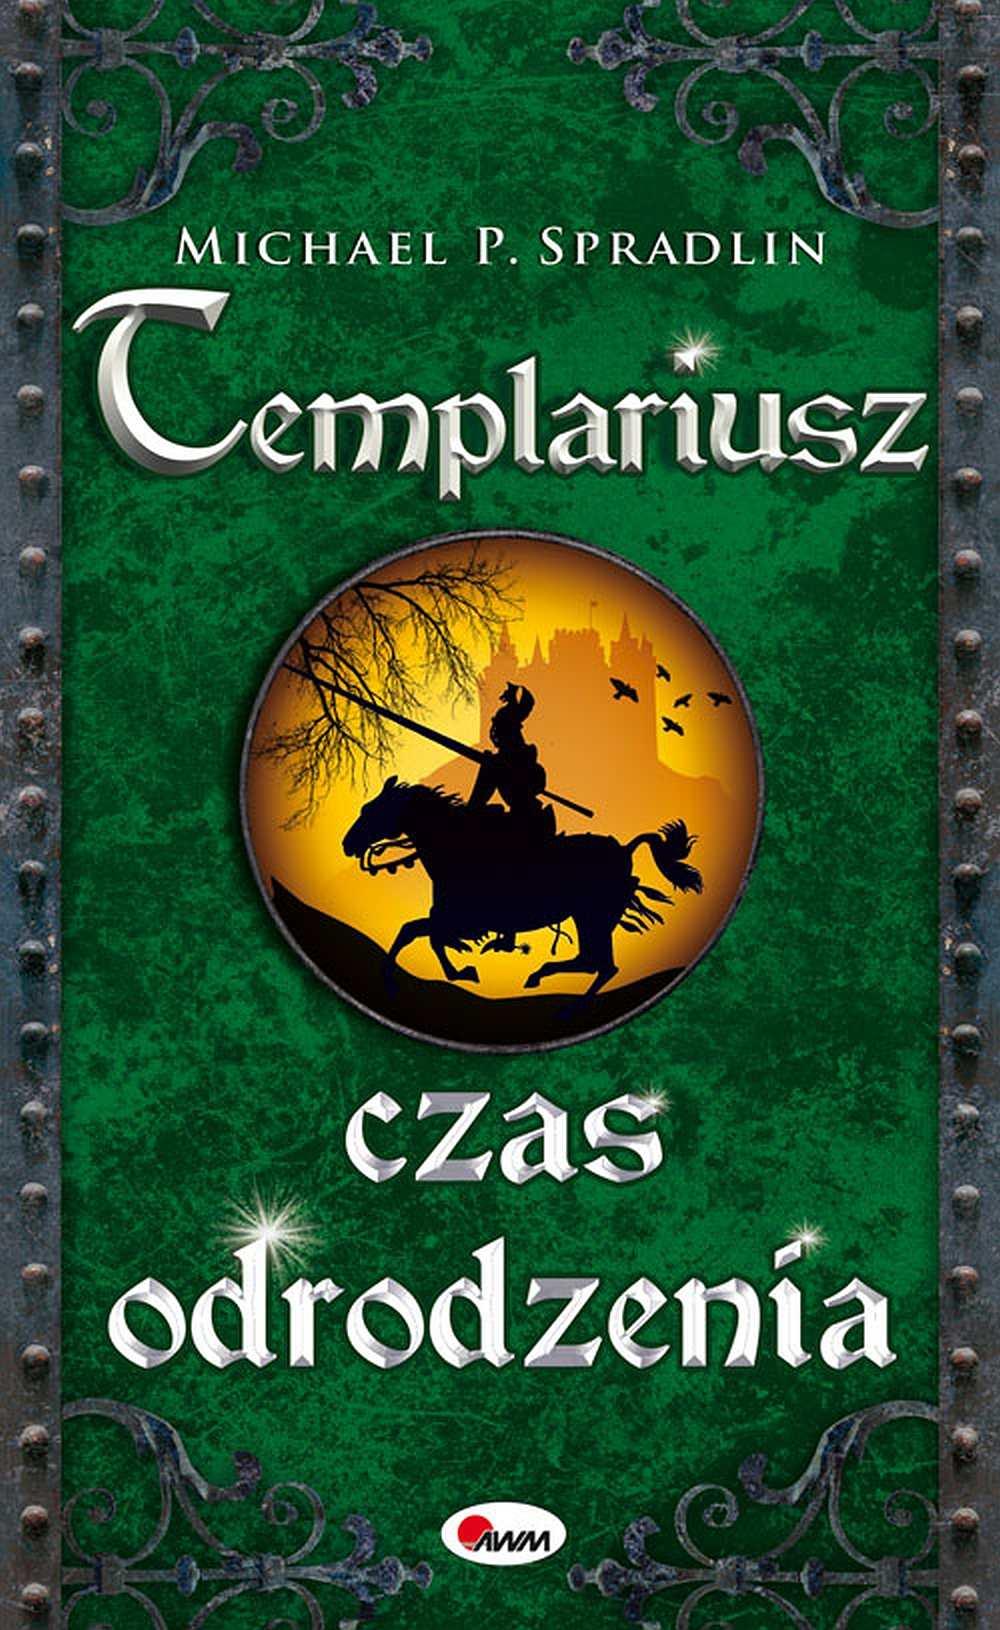 Templariusz czas odrodzenia - Ebook (Książka PDF) do pobrania w formacie PDF